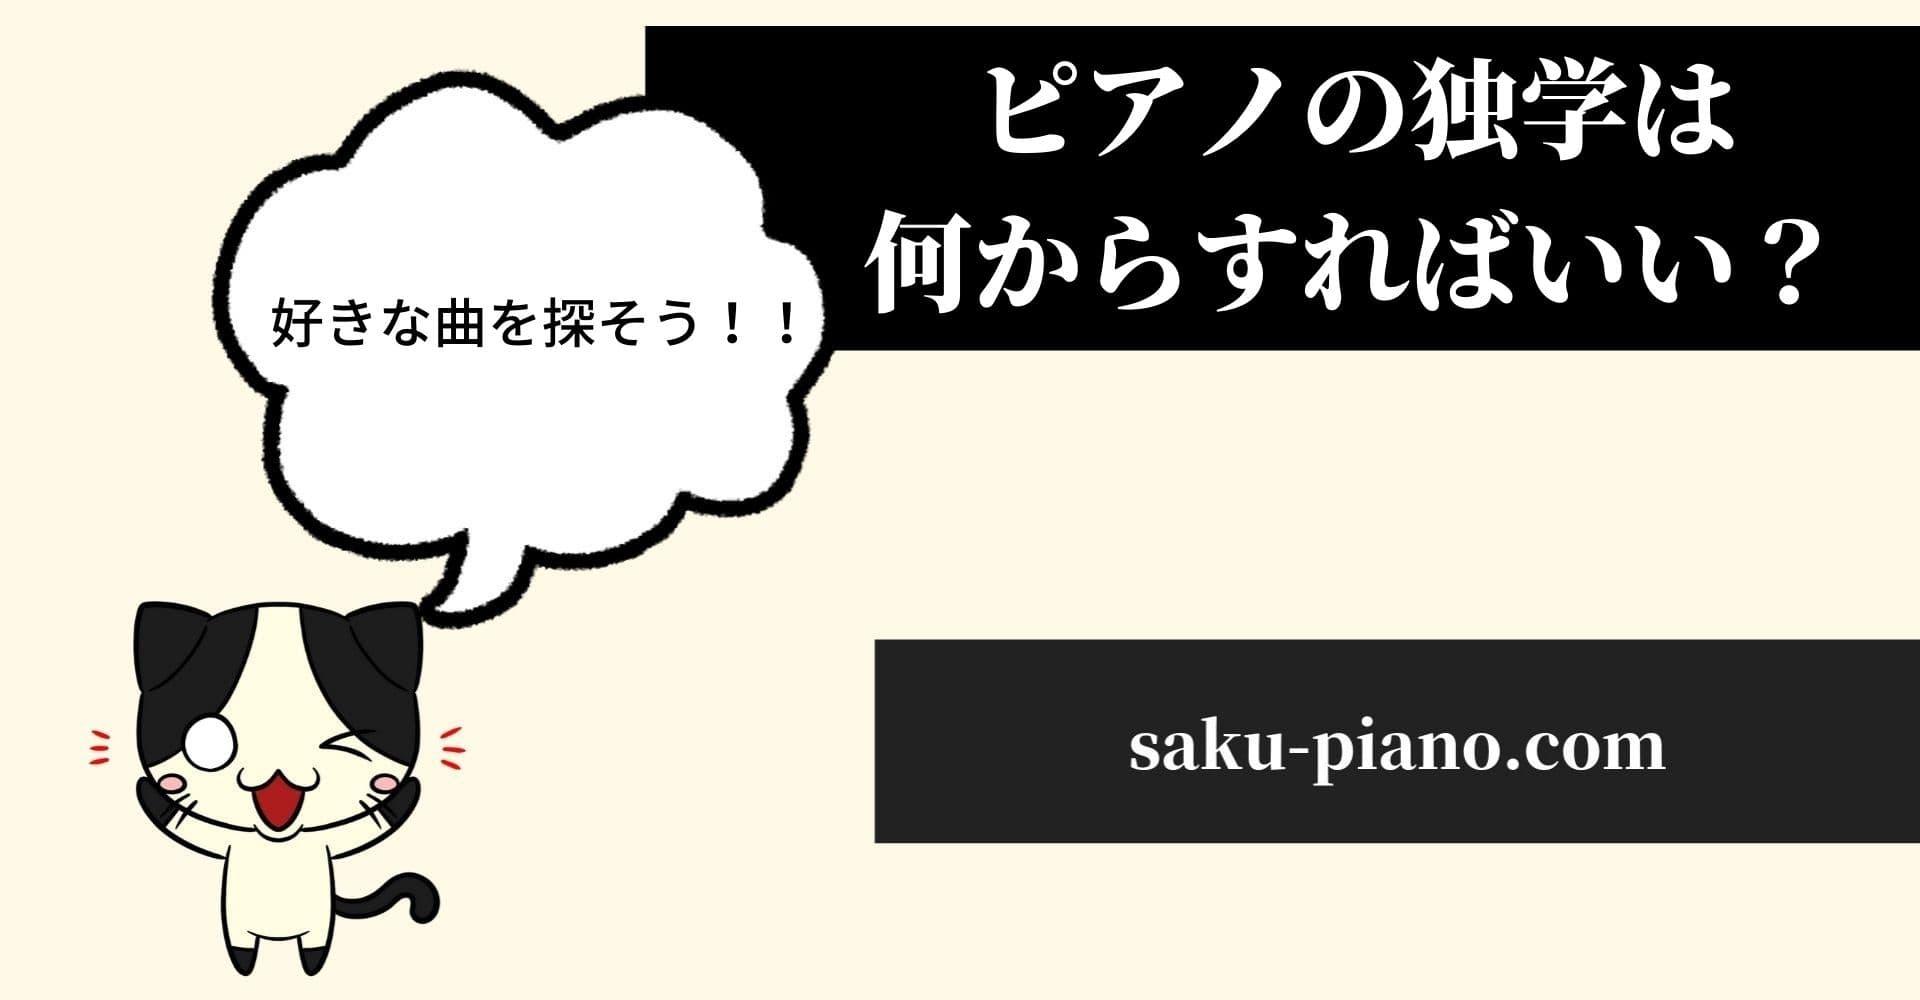 「ピアノの独学は何から始めればいいの?【結論:好きな曲を探せ】」のアイキャッチ画像